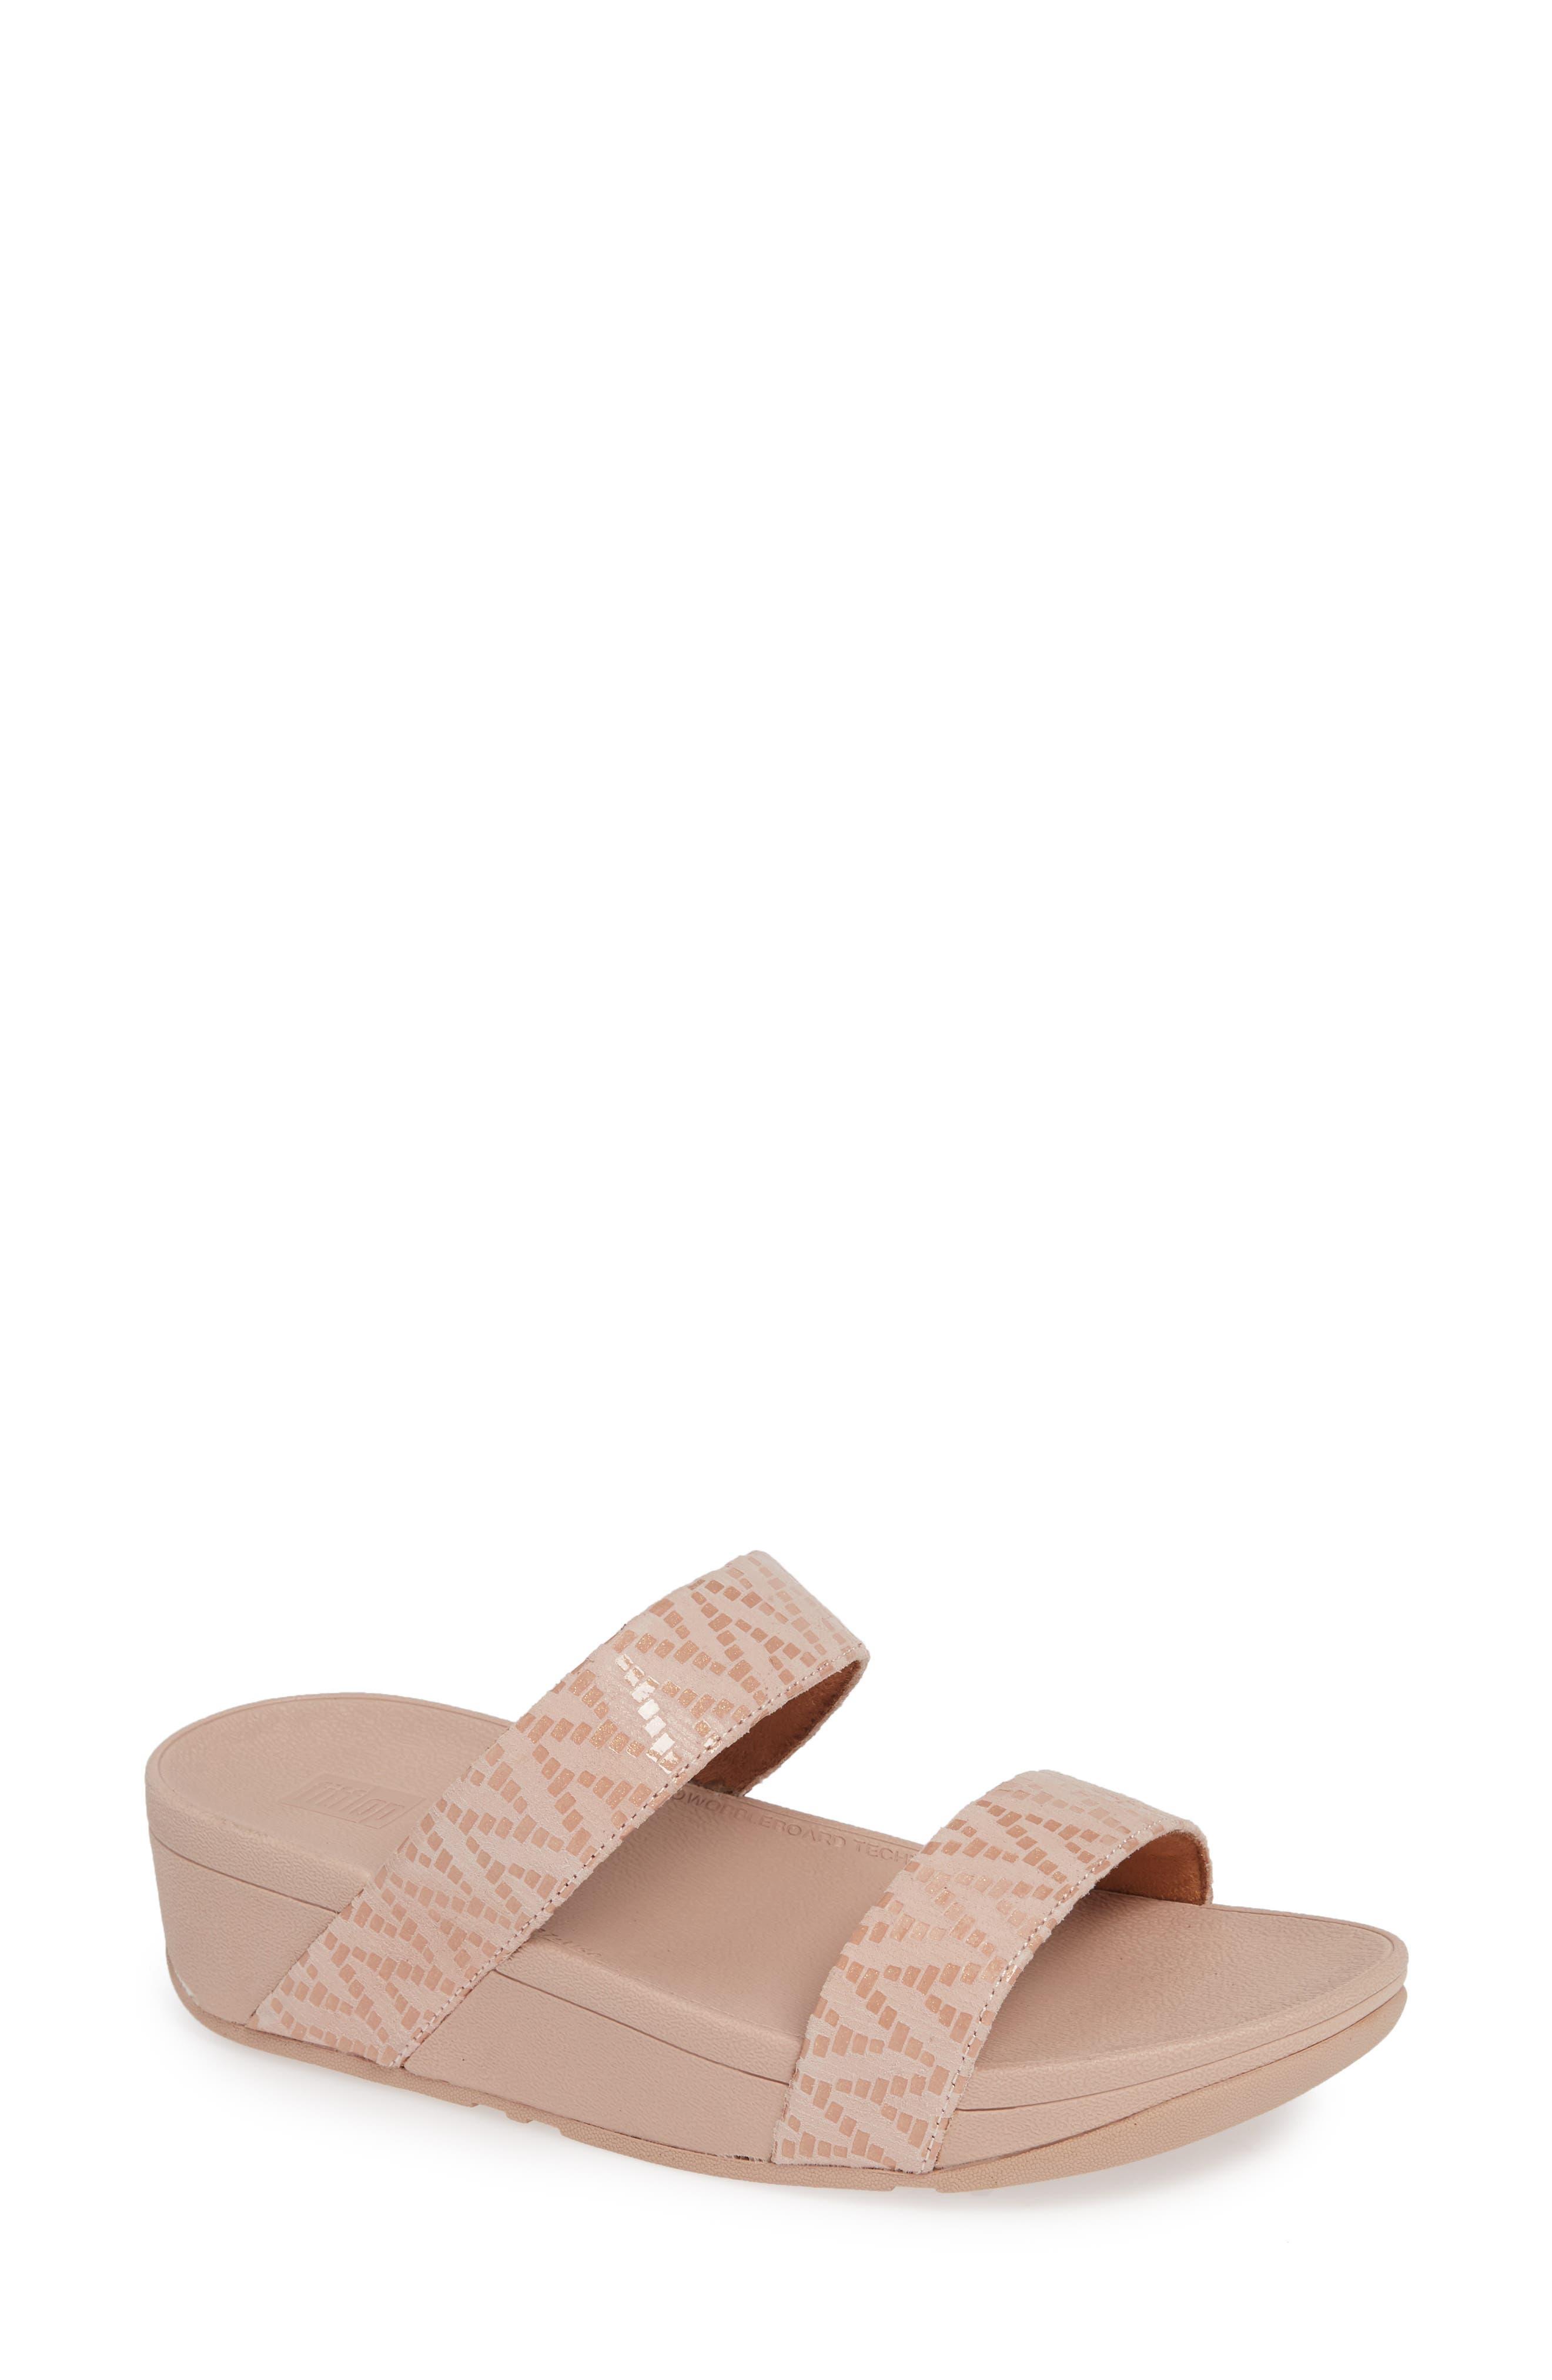 Fitflop Lottie Chevron Wedge Slide Sandal, Pink